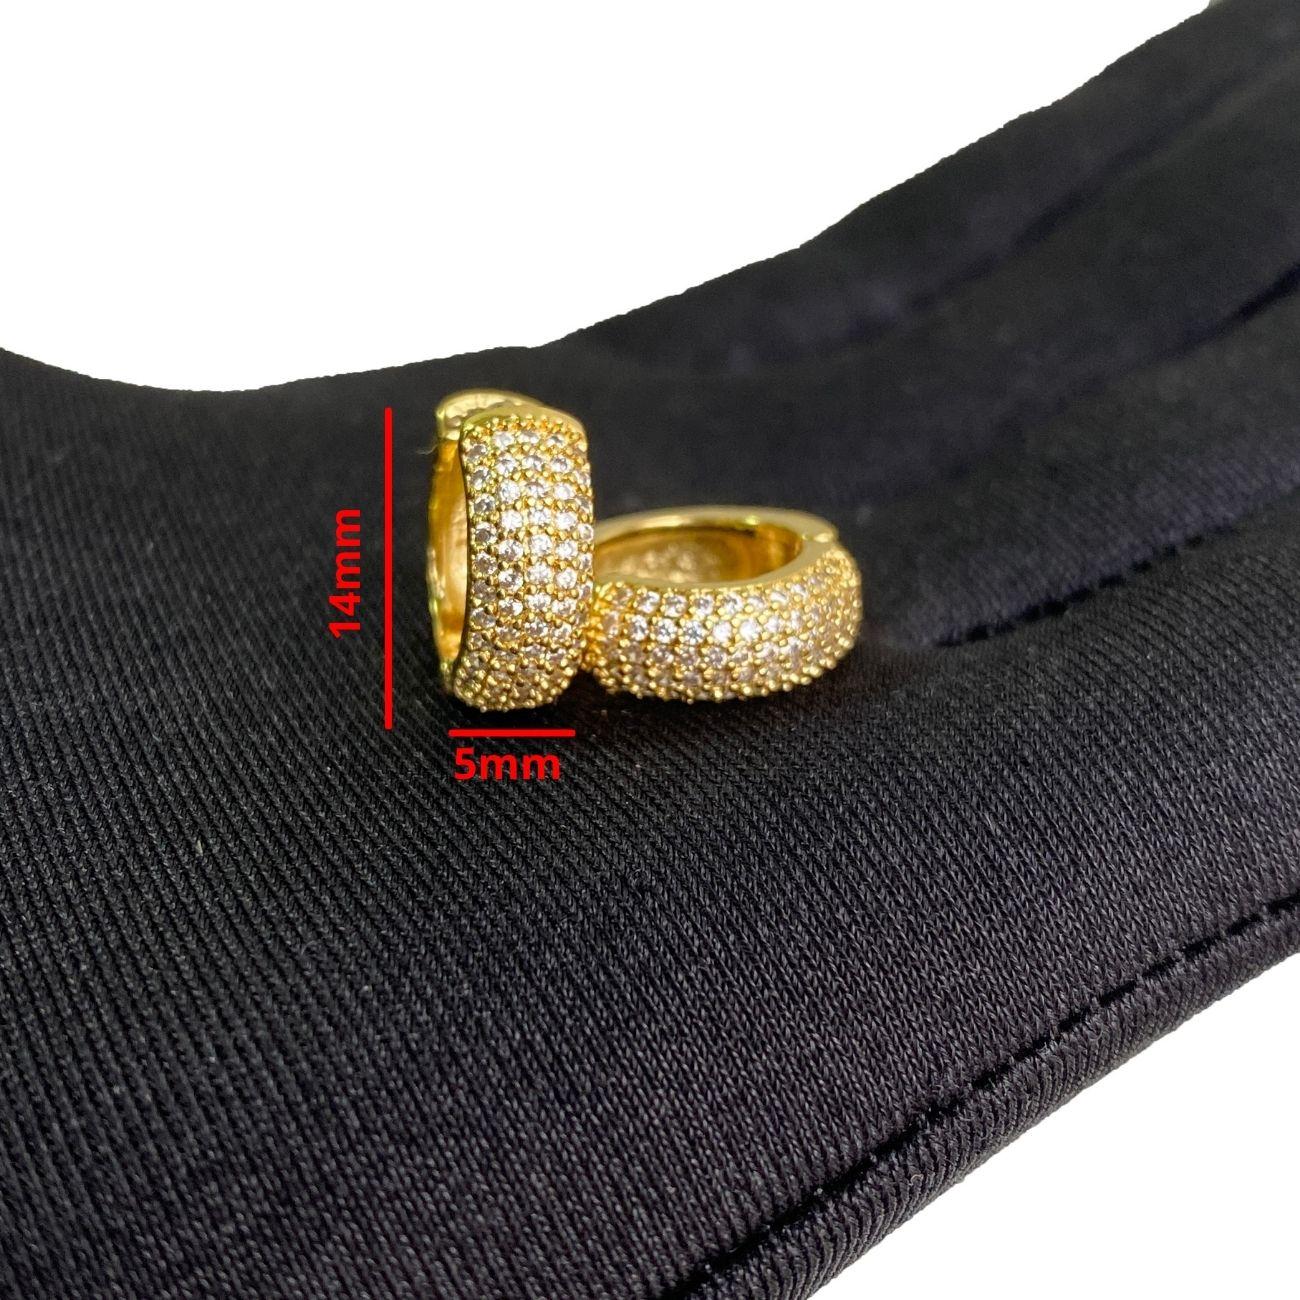 Brinco Argola Cravejada em Zircônia 52 Pedras (Banho Ouro 24k)